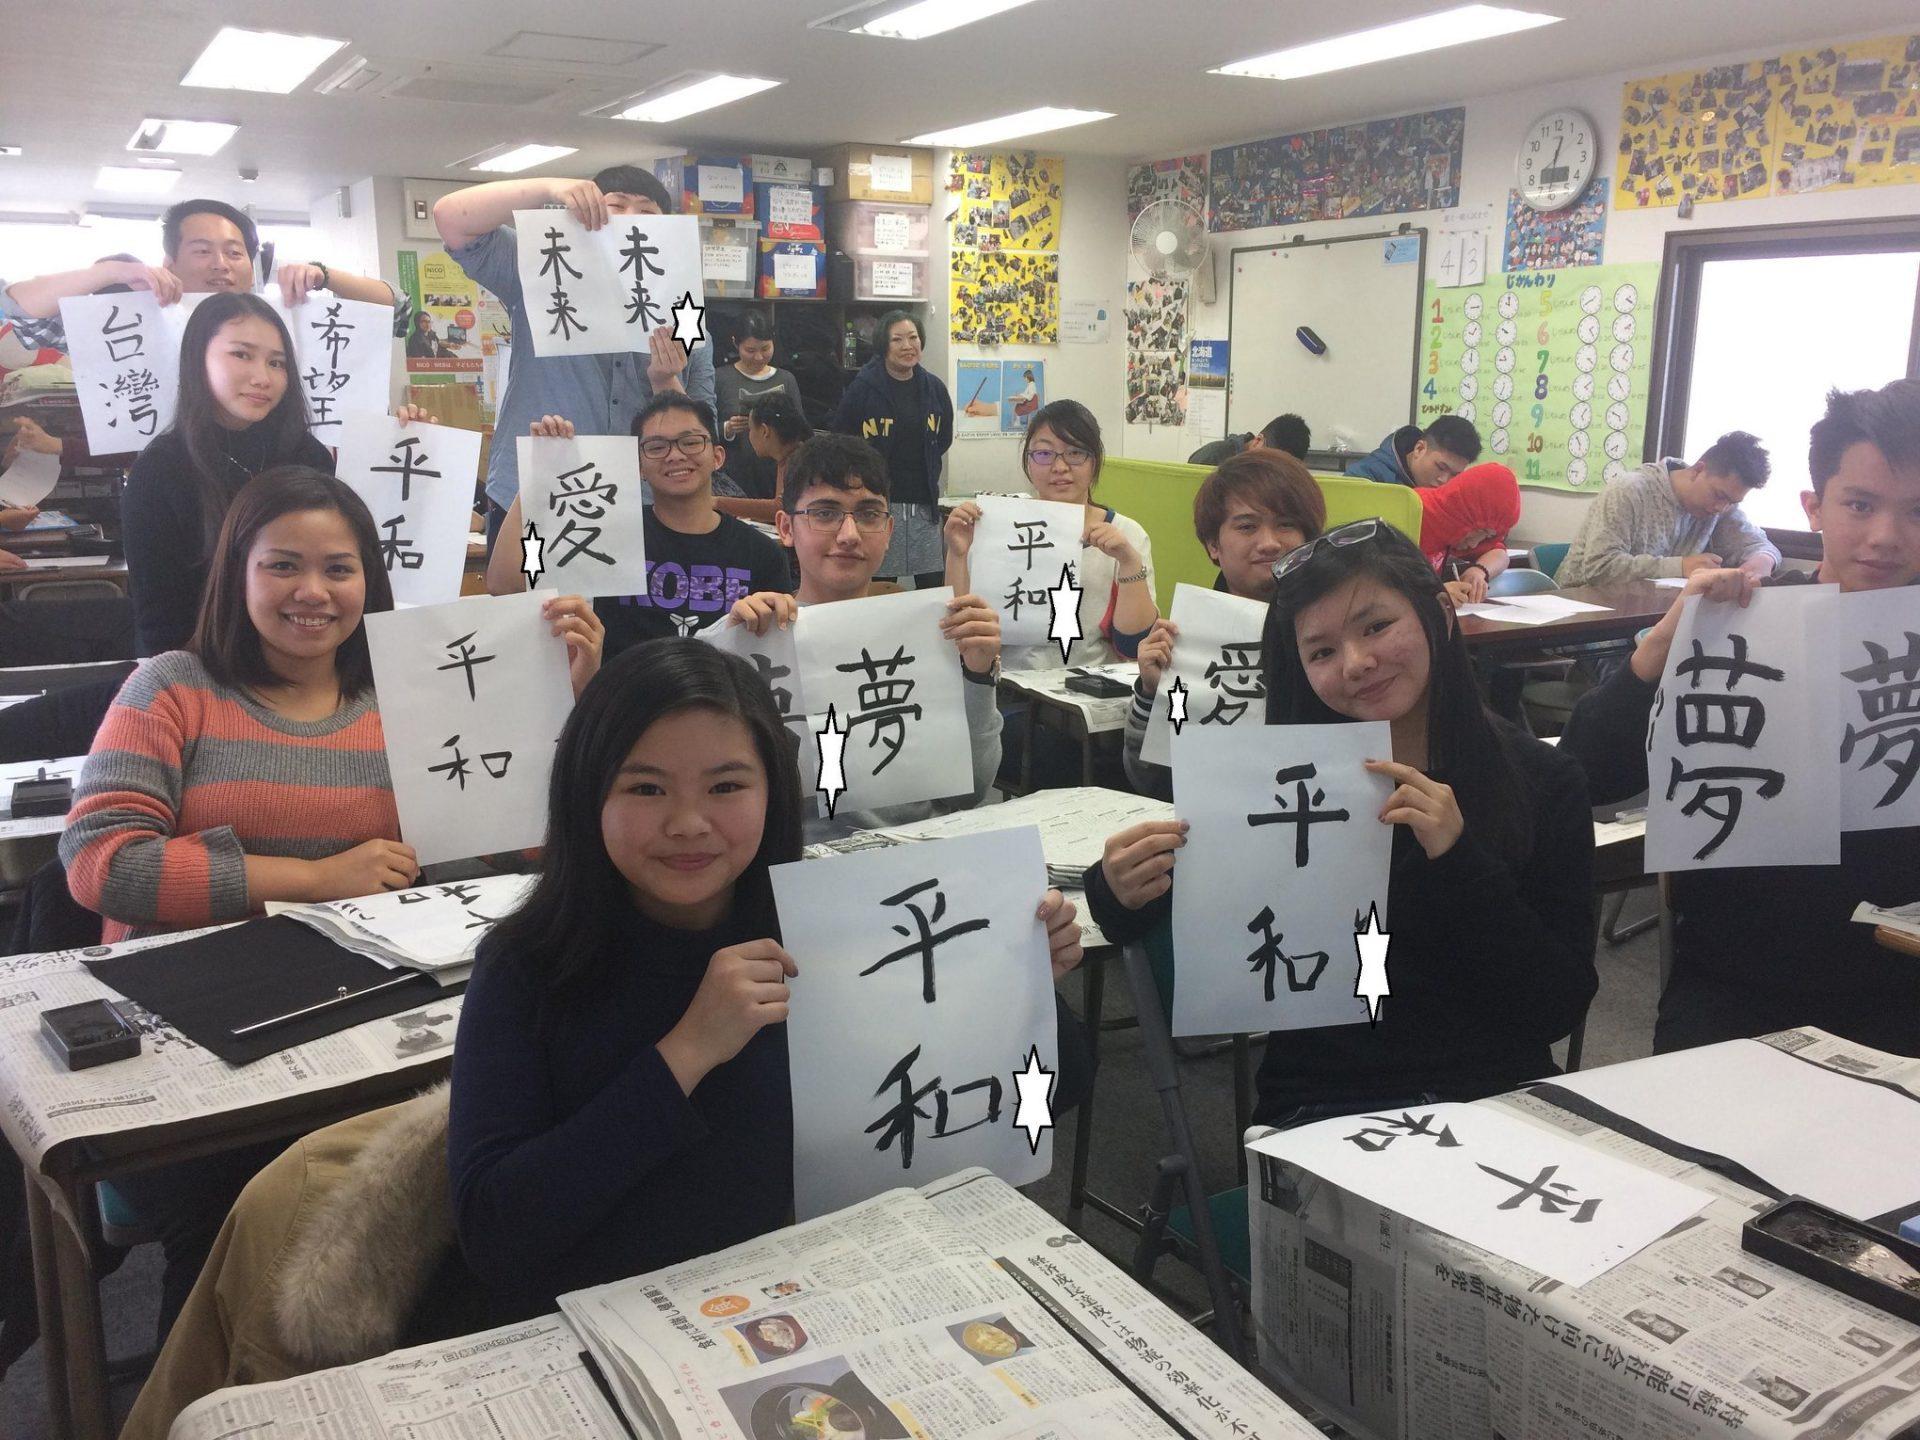 1月に行った「書き初め」の様子。中国からの生徒以外にとっては初めての経験